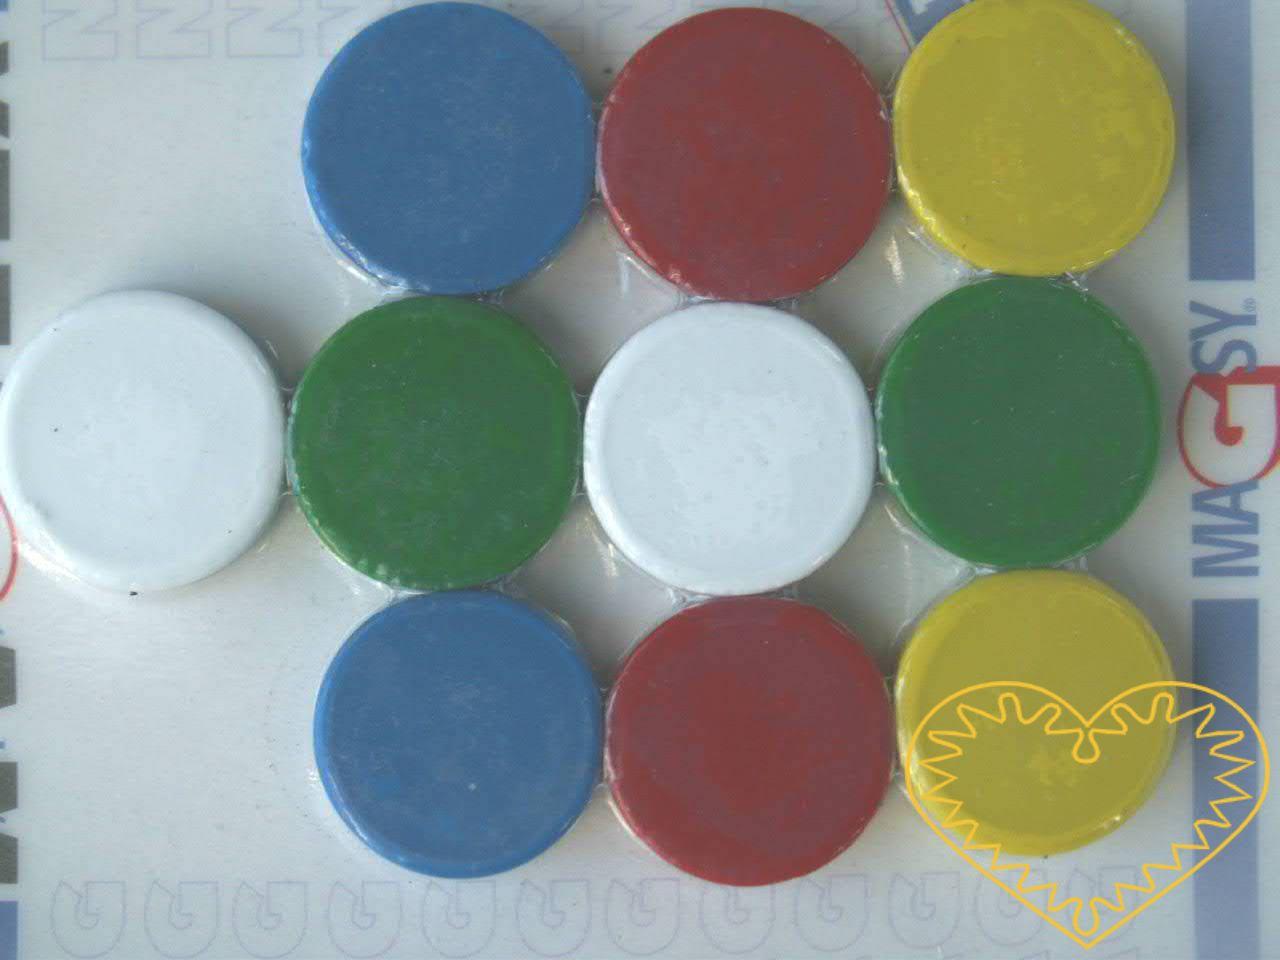 Sada 10 kusů kulatých magnetů Ø 2 cm - mix barev. Vhodné na magnetickou tabuli, nástěnku, flipchart či doma na lednici. Lze je využít jako základ pro tvorbu vlastních originálních magnetů.